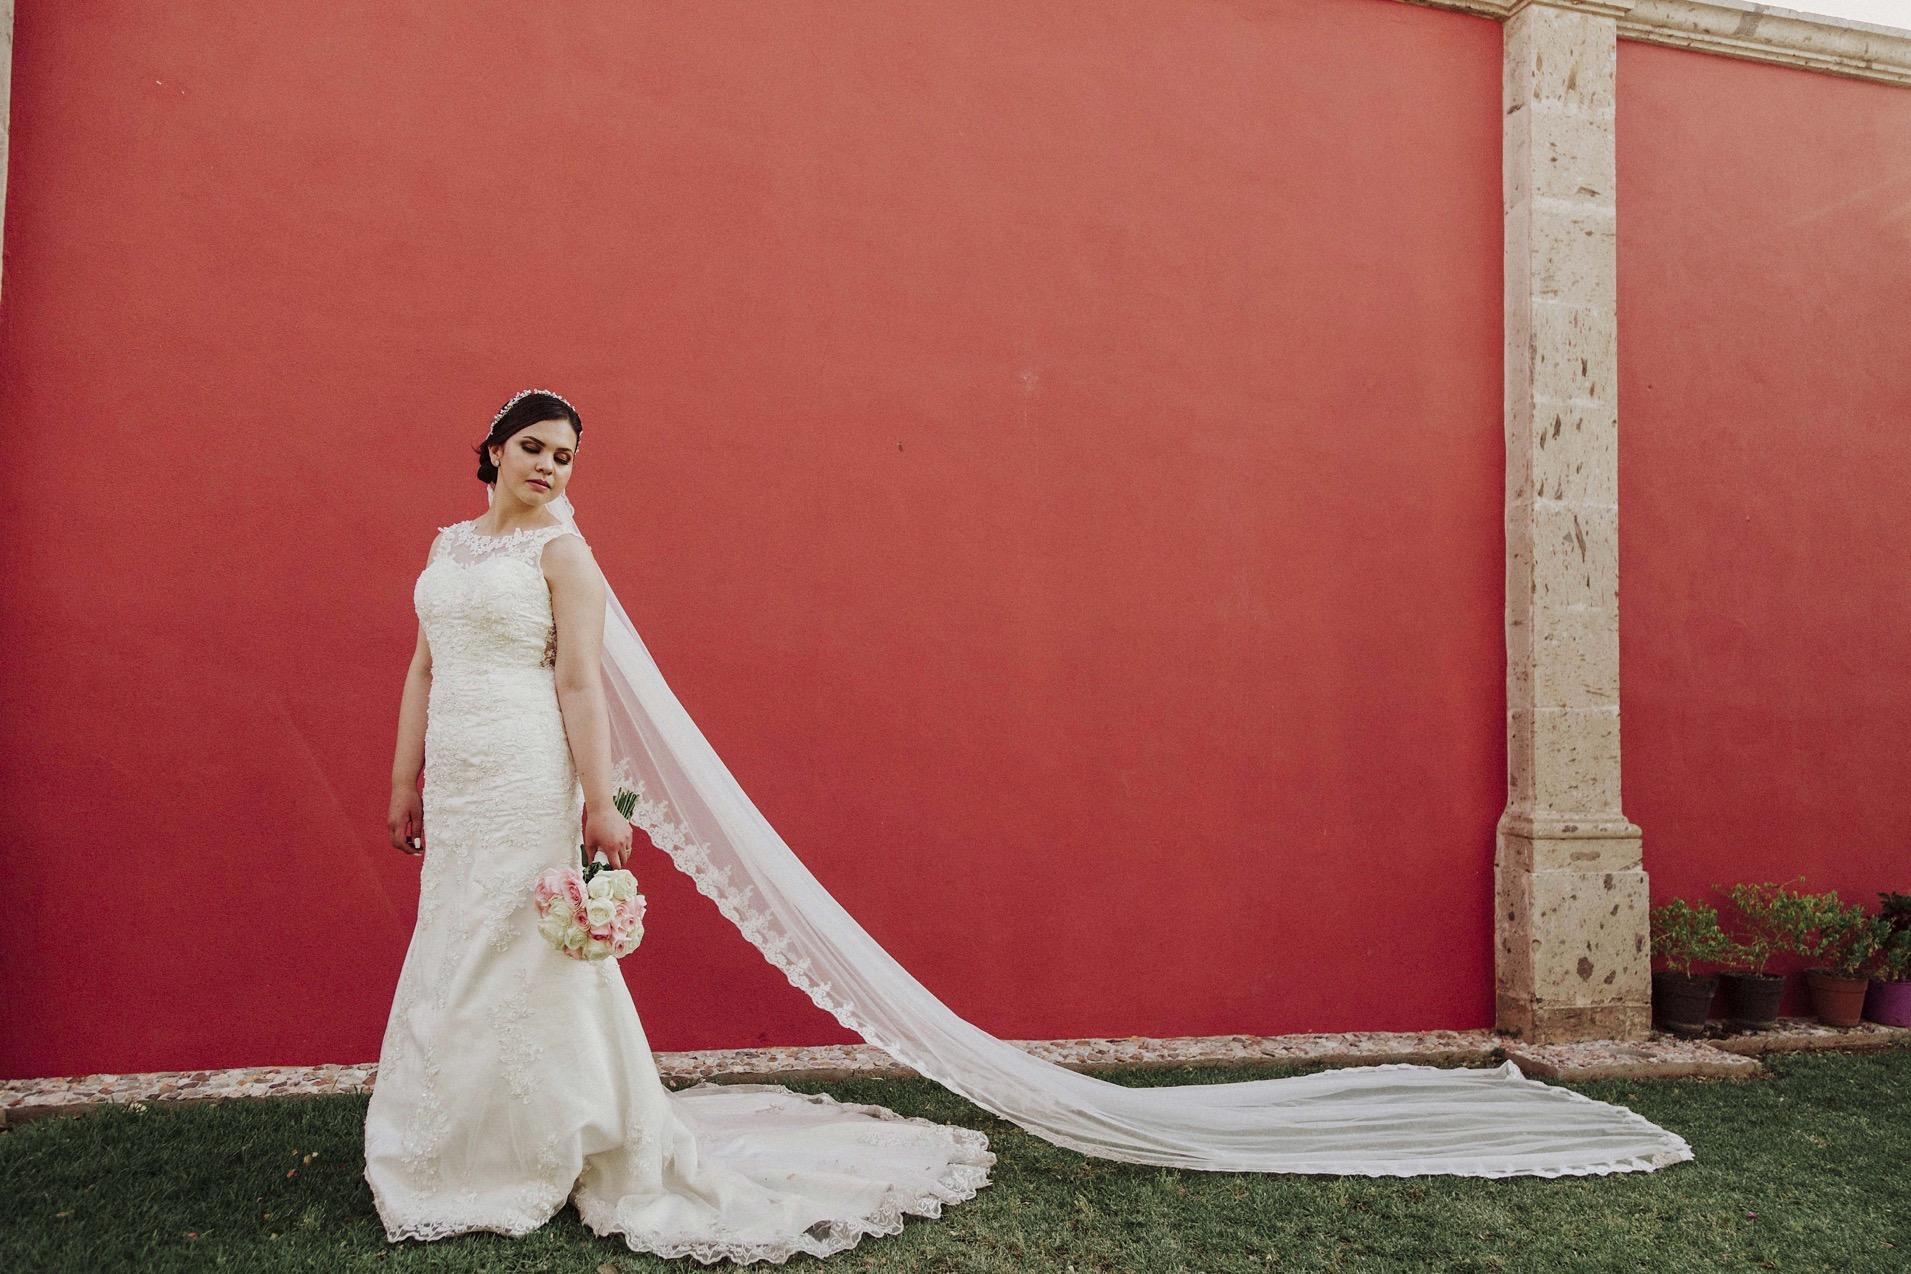 fotografo_profesional_bodas_xv_zacatecas-24